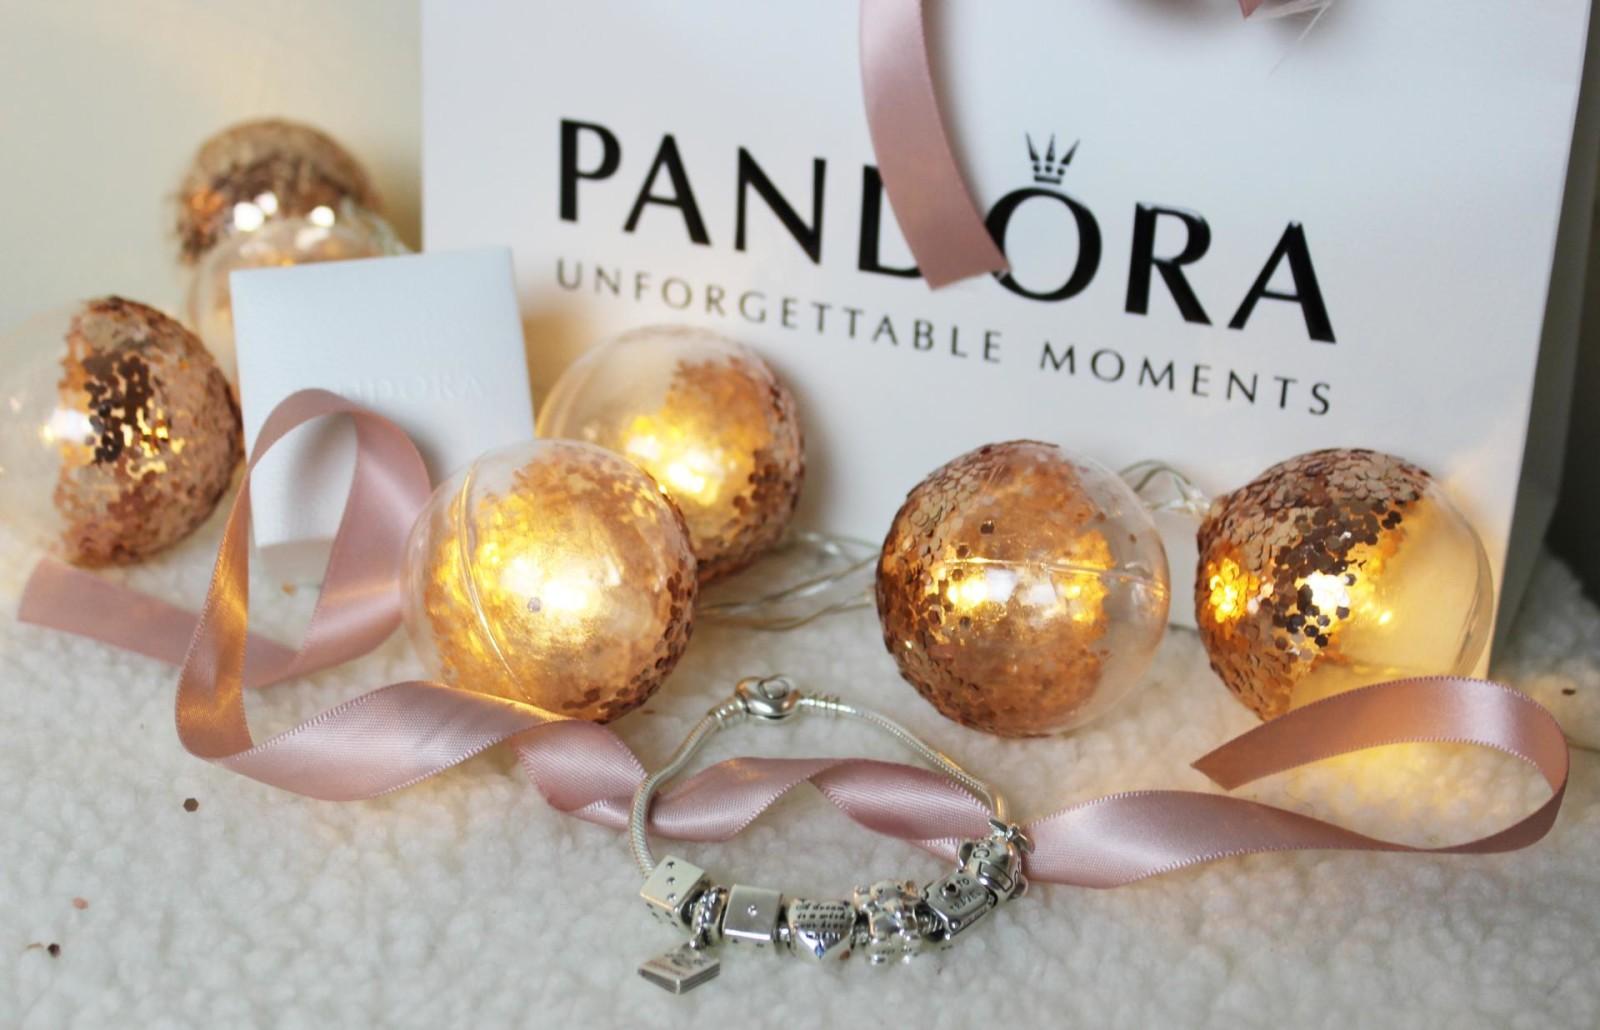 My Pandora Bracelet Journey